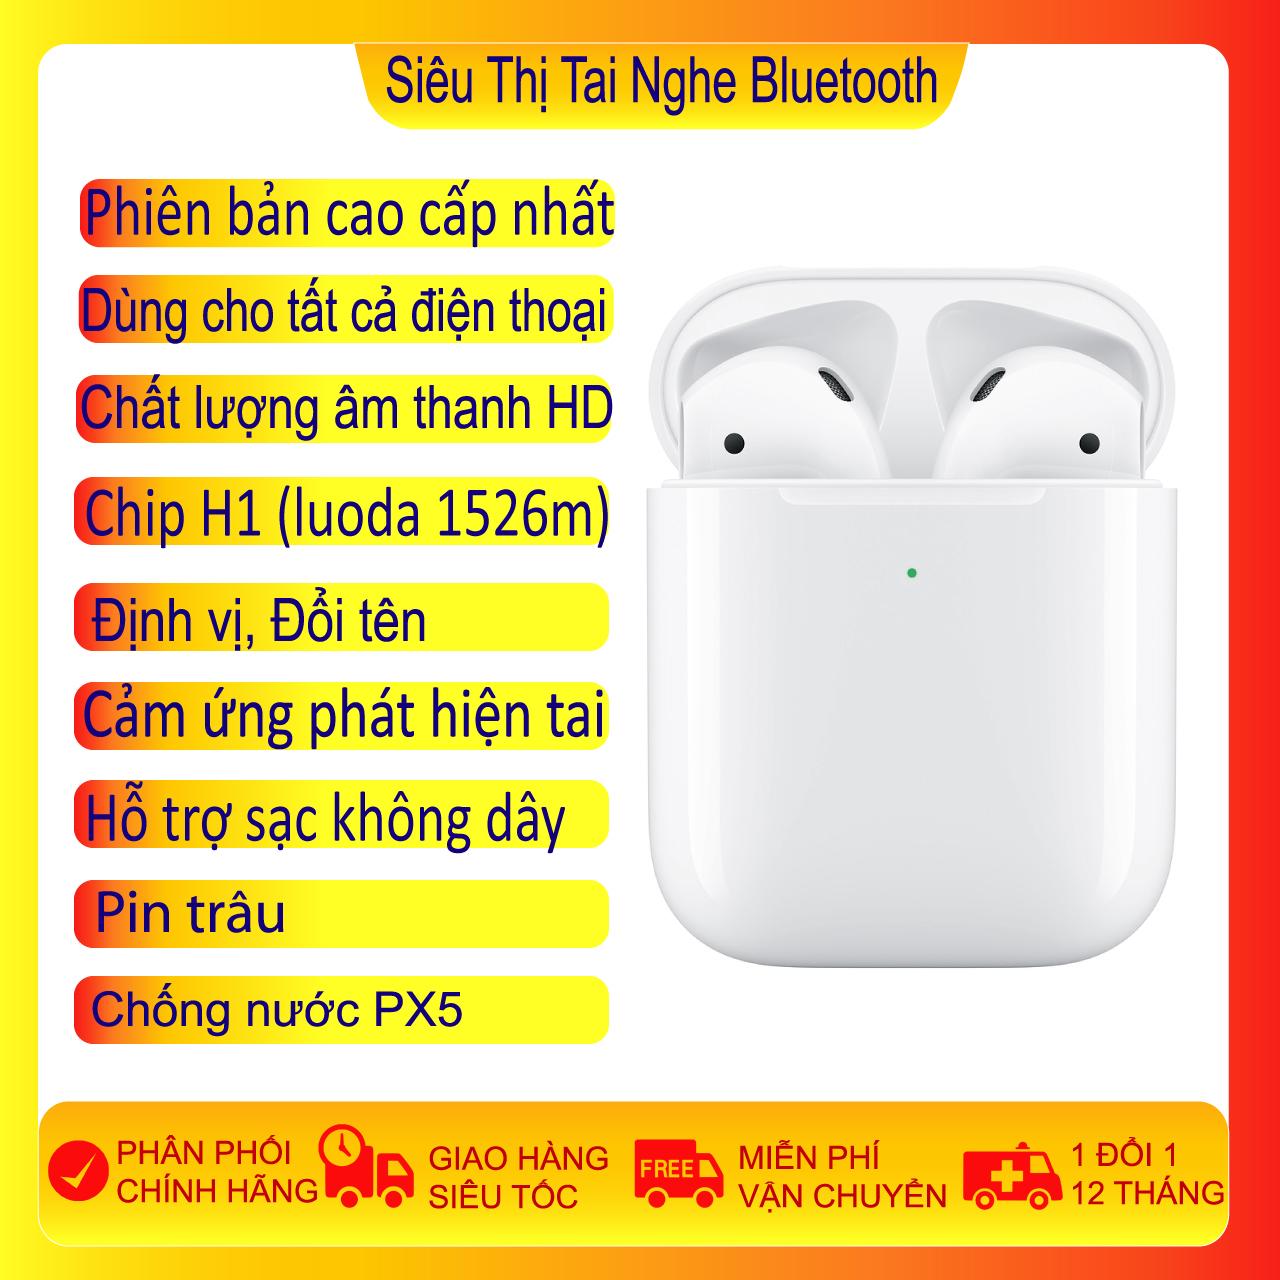 Tai nghe Bluetooth, tai nghe không dây, tai nghe, tai nghe bluetooth khong day , tai nghe chất lượng âm thanh HD, dùng cho iphone, samsung, sony, xiaome, oppo,vivo